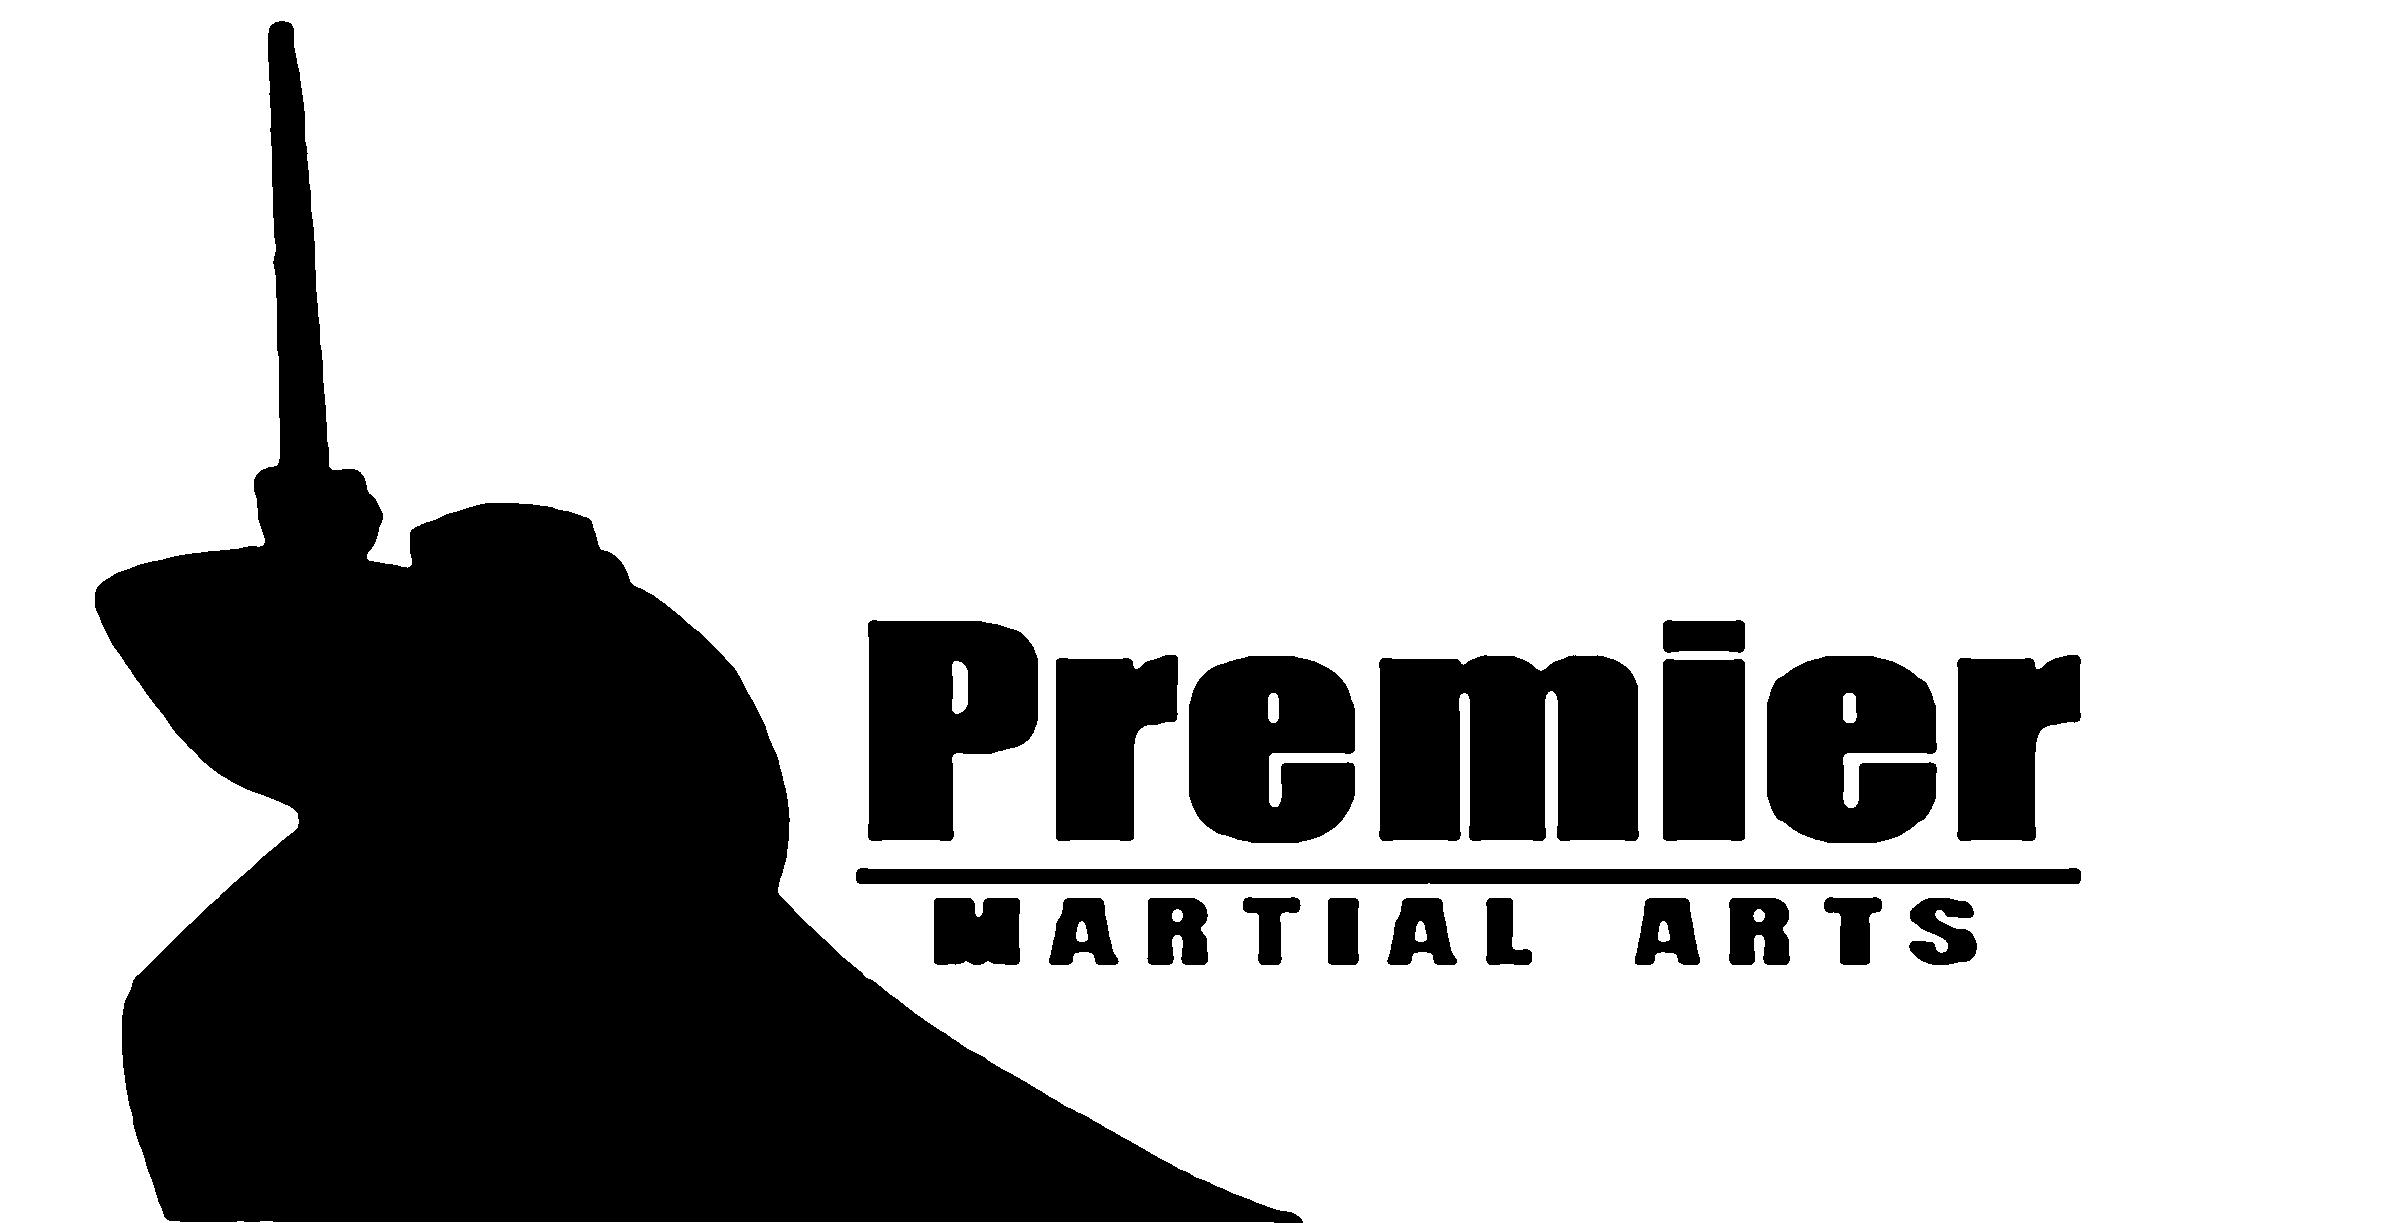 PremierMartialArts